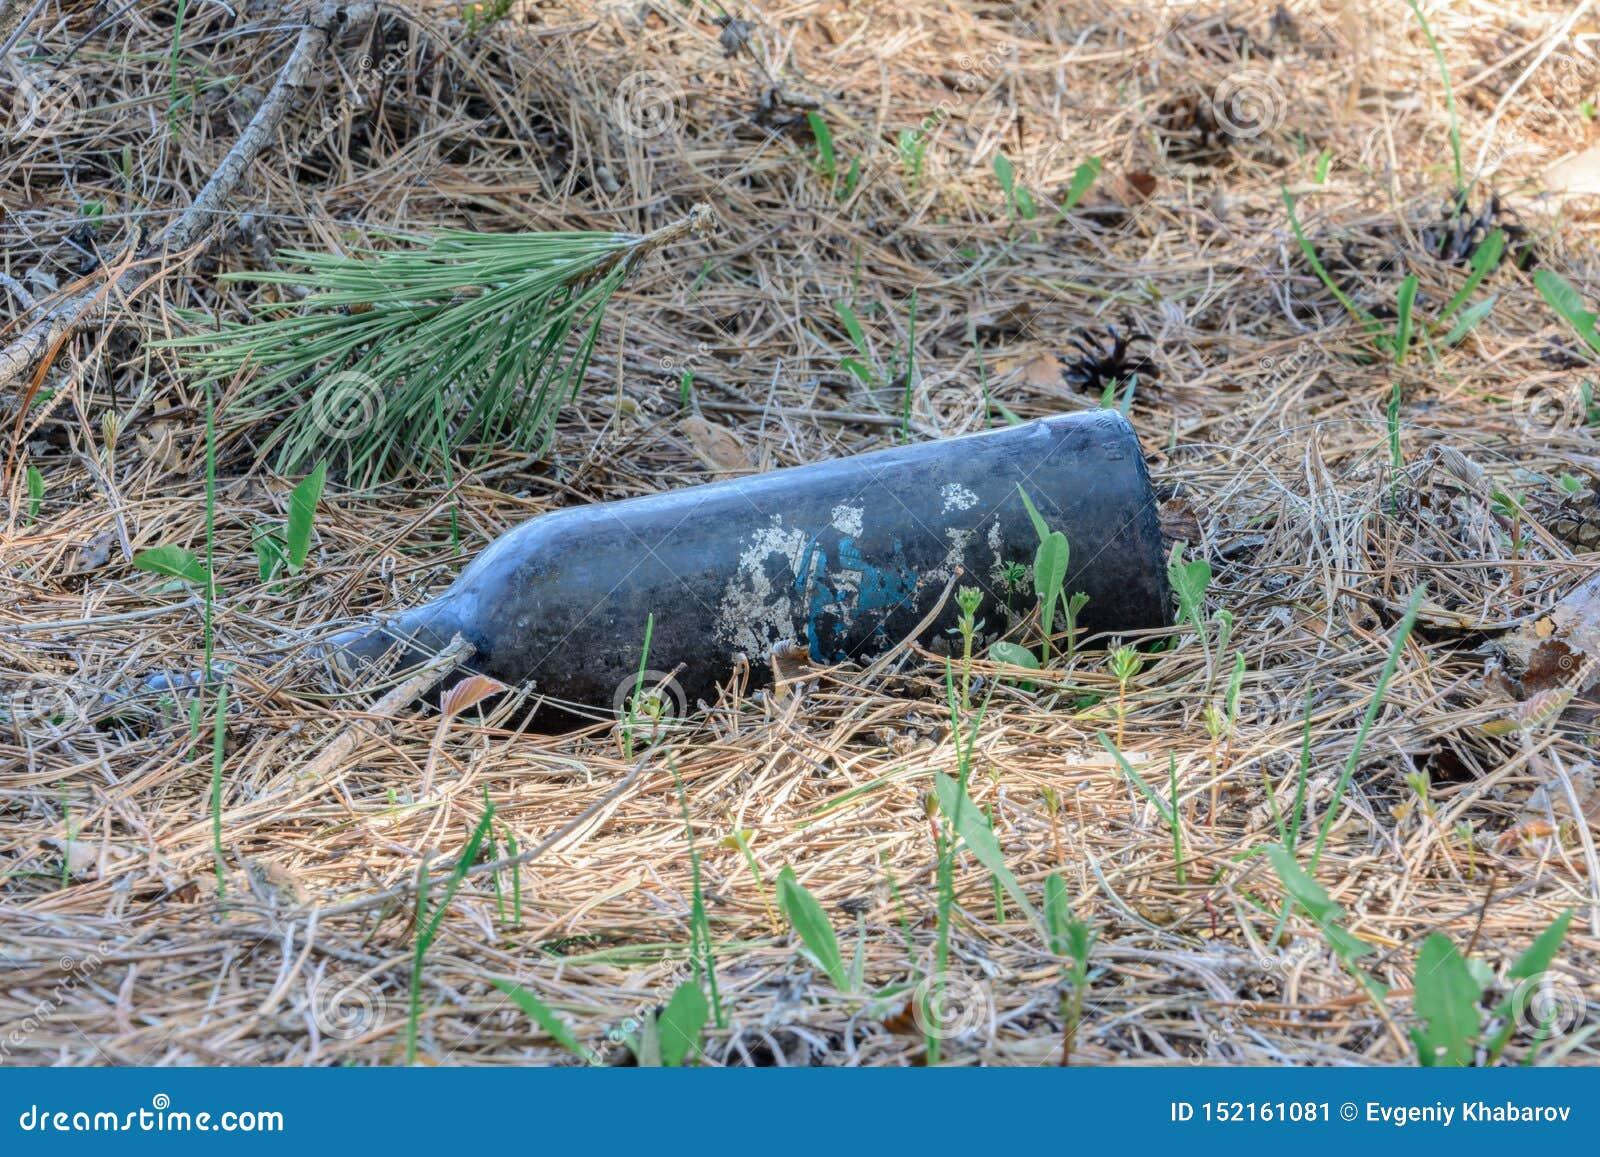 ?kologisches Krisenfoto Leute ließen Rückstand in den wild lebenden Tieren Müllkippe auf dem Gras nahe dem Waldverschmutzungsnatu